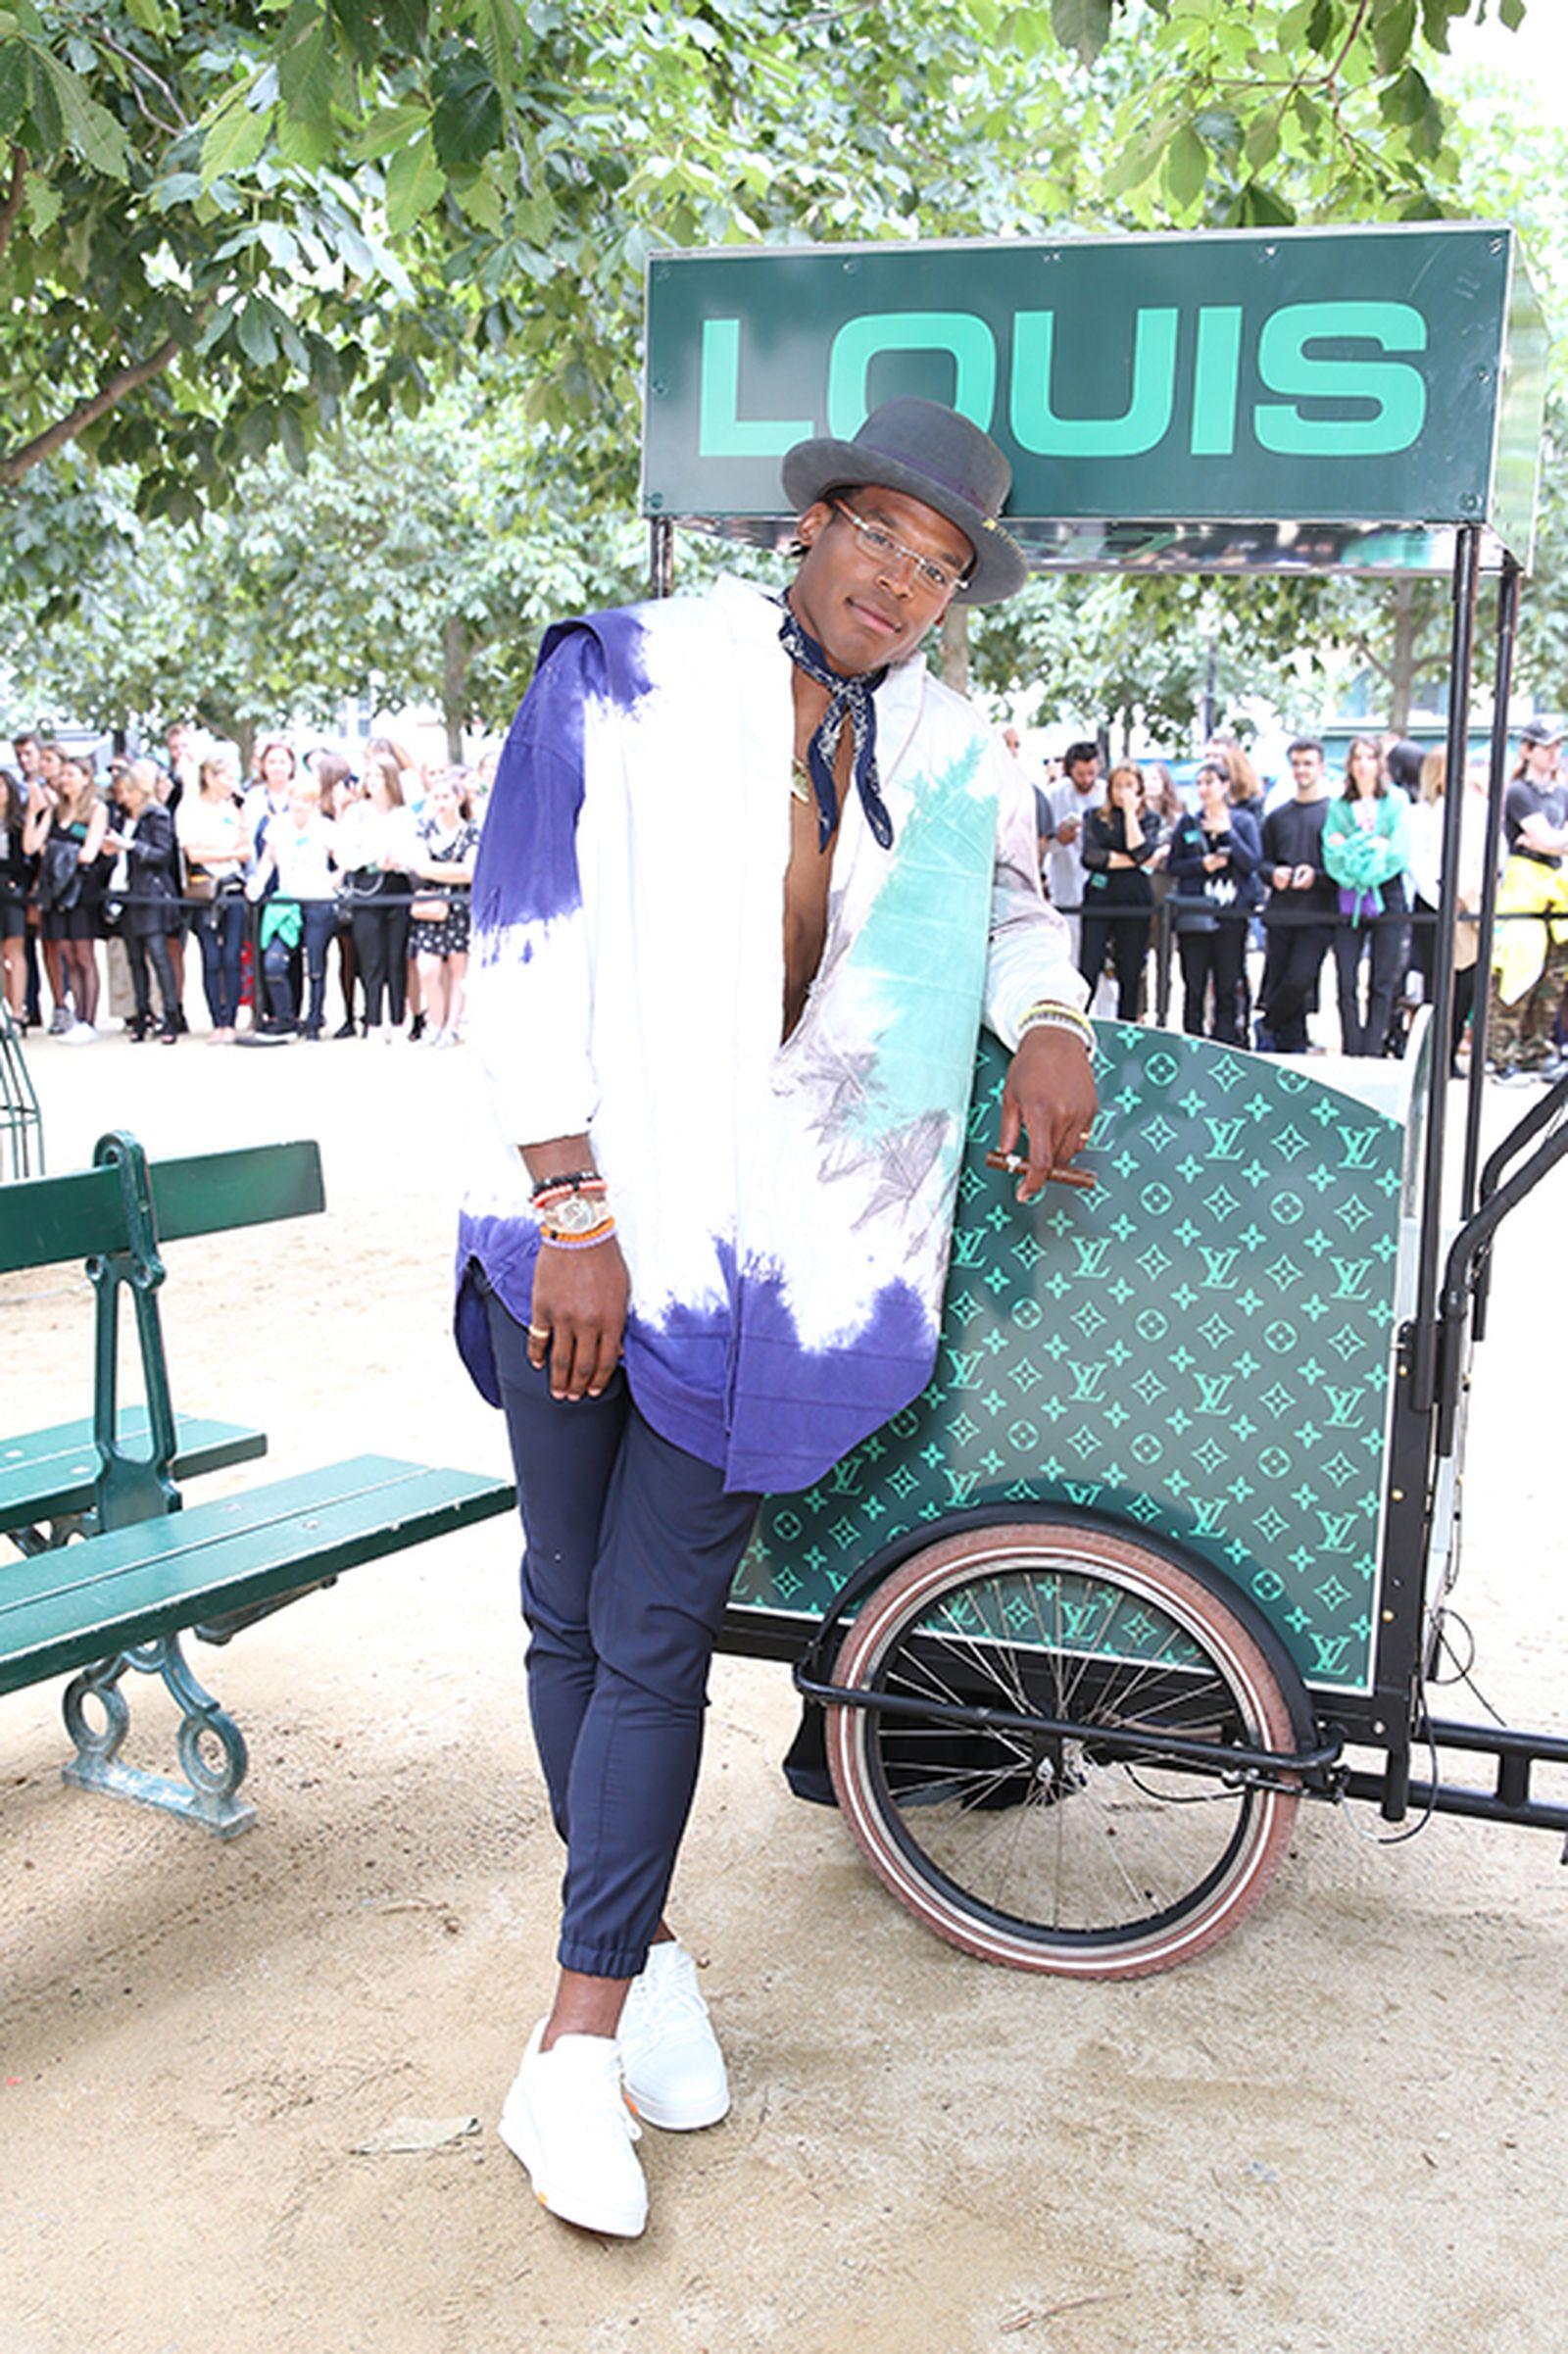 louis vuitton ss20 show celebrity roundup 1 paris fashion week virgil abloh